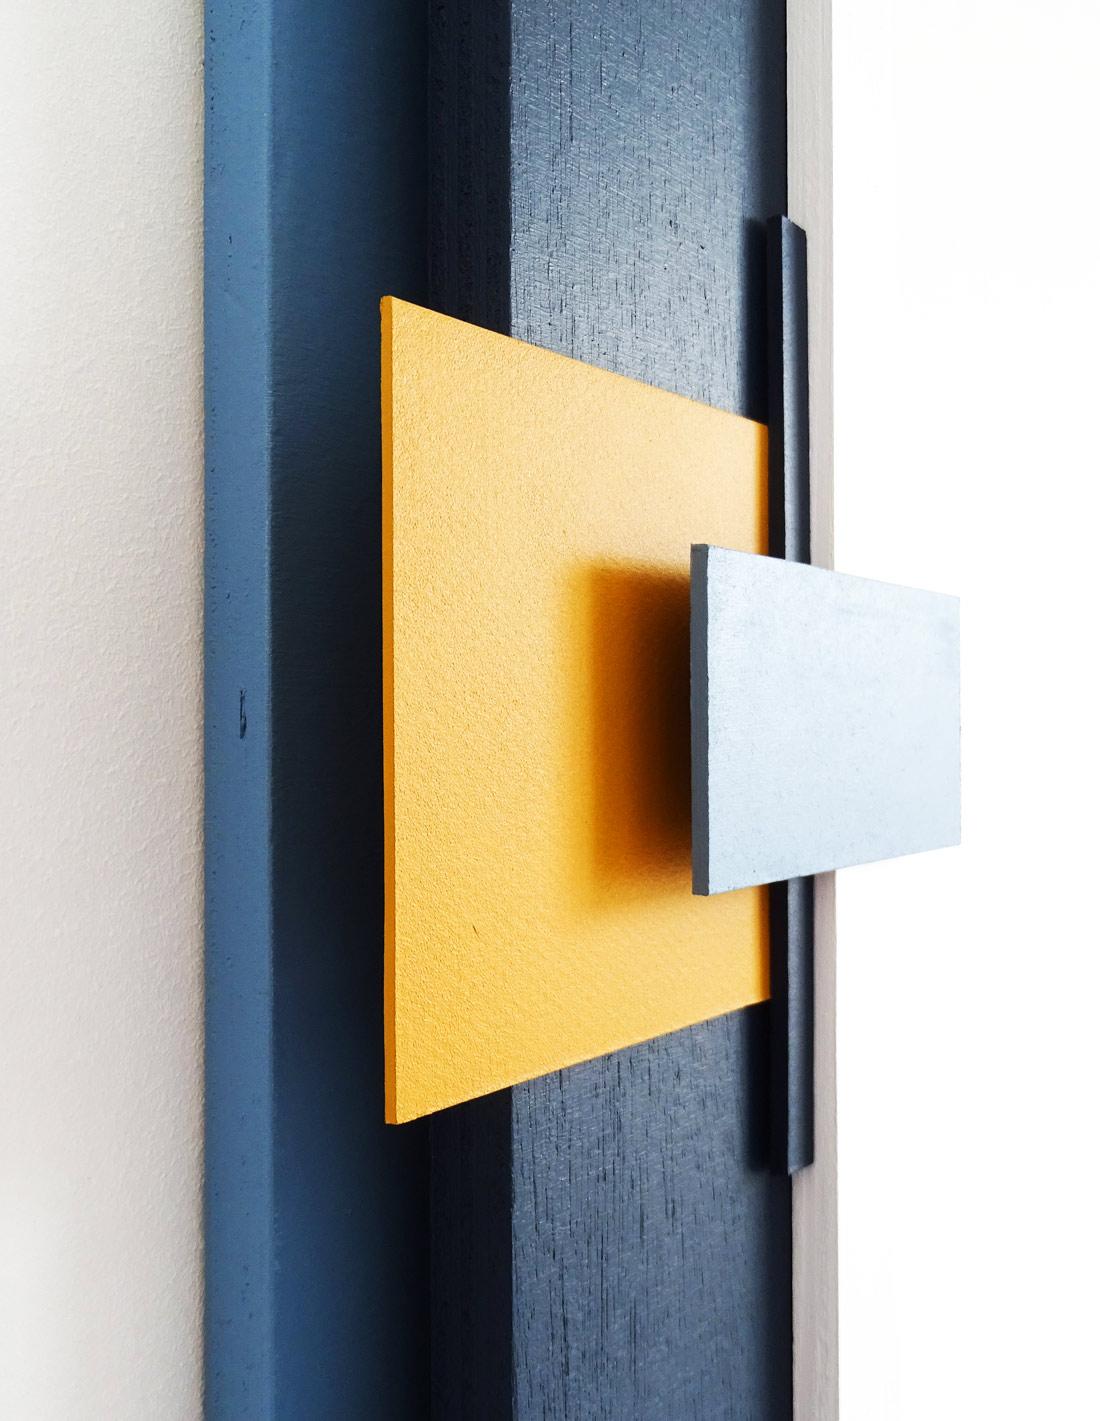 Structure-en-bleu-no-2-close-up-2